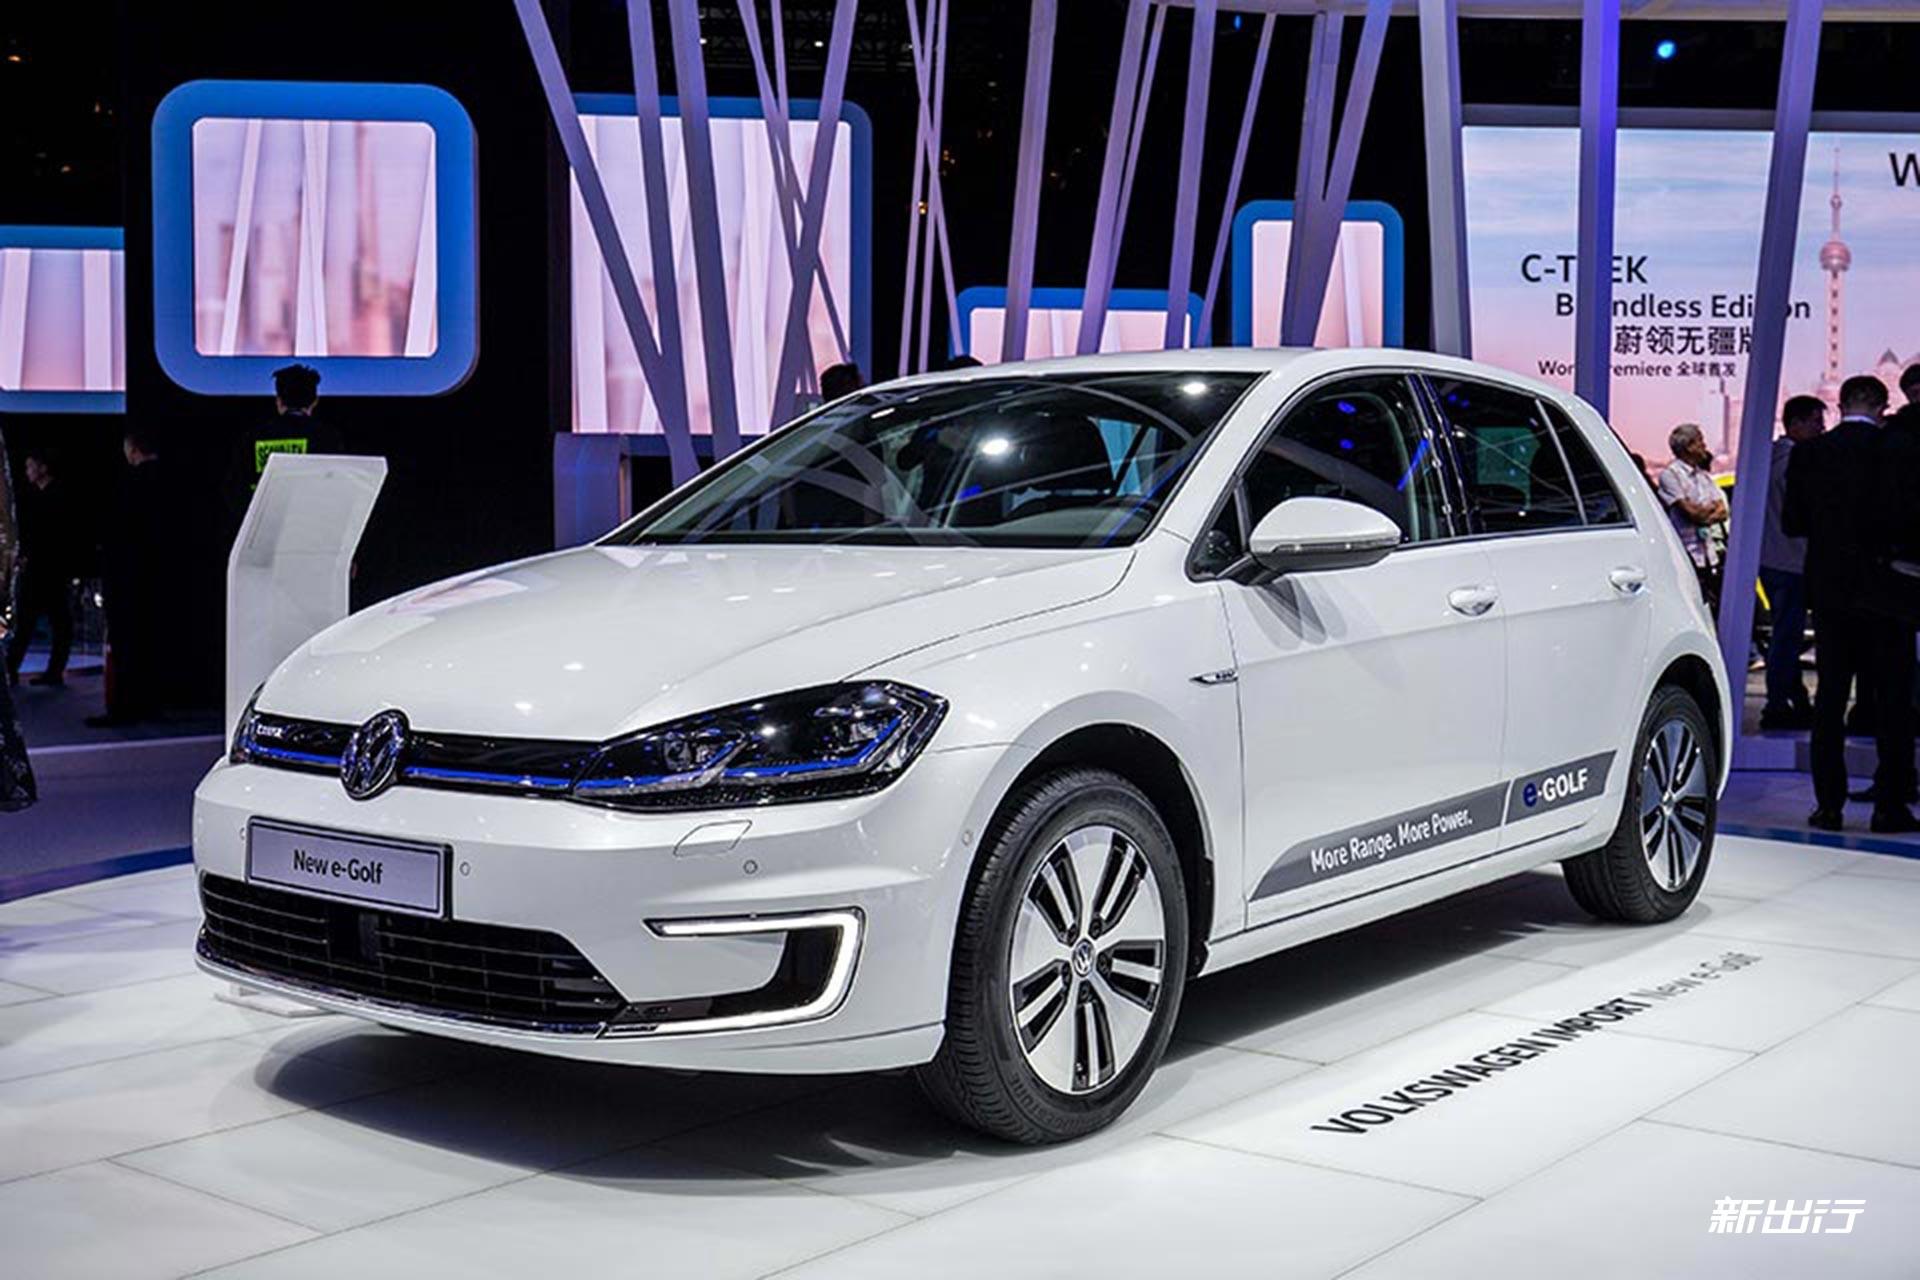 1-大众进口汽车新款e-Golf.jpg